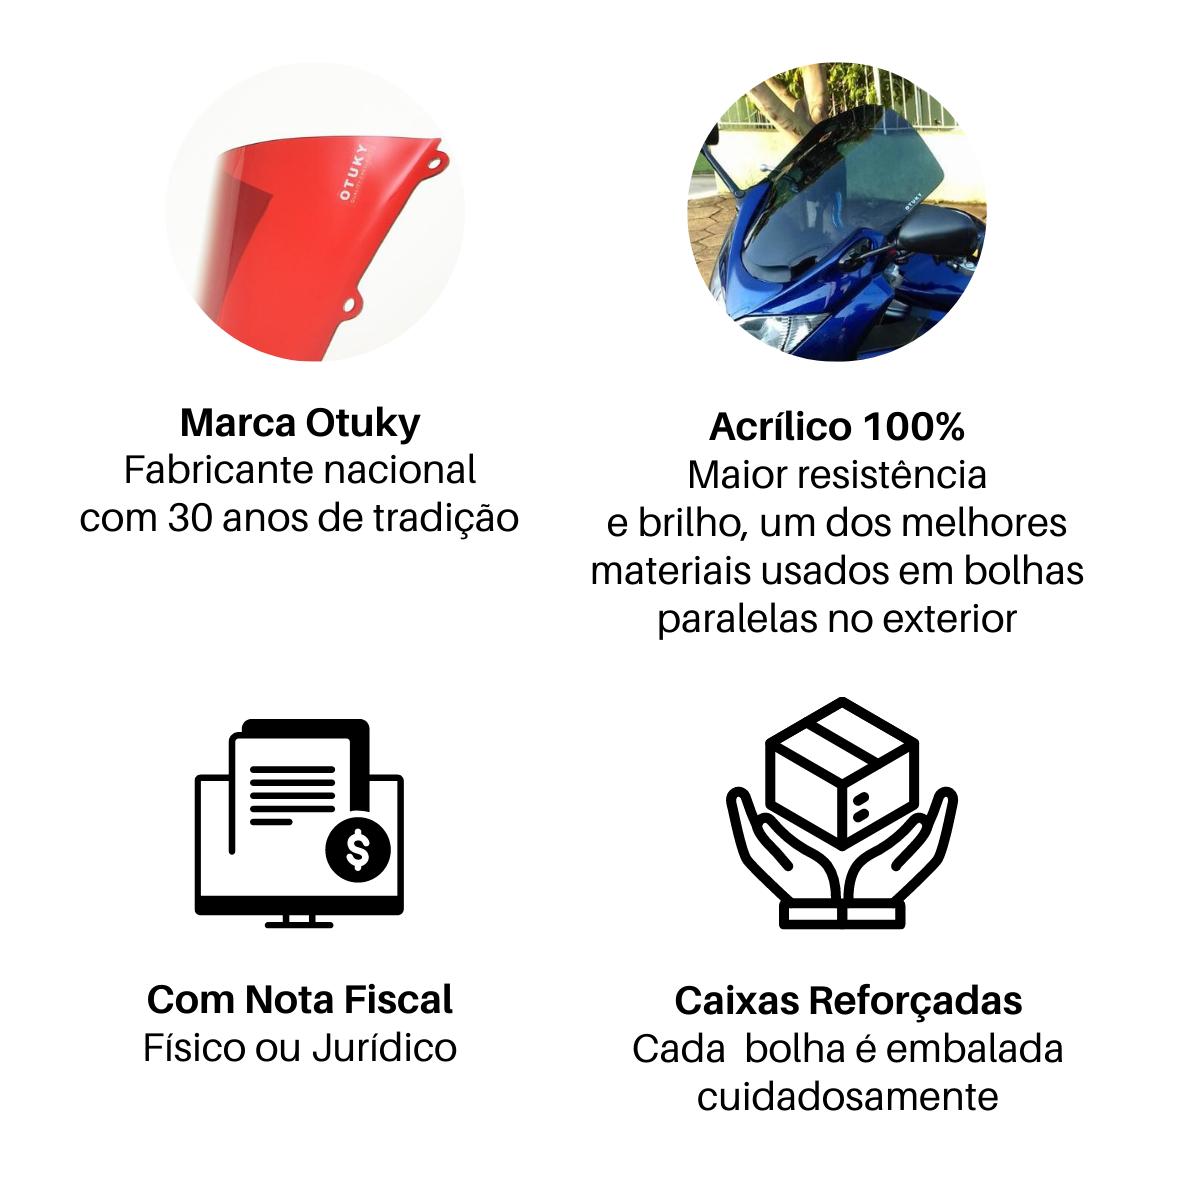 Bolha para Moto XT 660 R 2005 2006 2007 2008 2009 2010 2011 2012 2013 2014 2015 2016 2017 2018 Padrão Preta